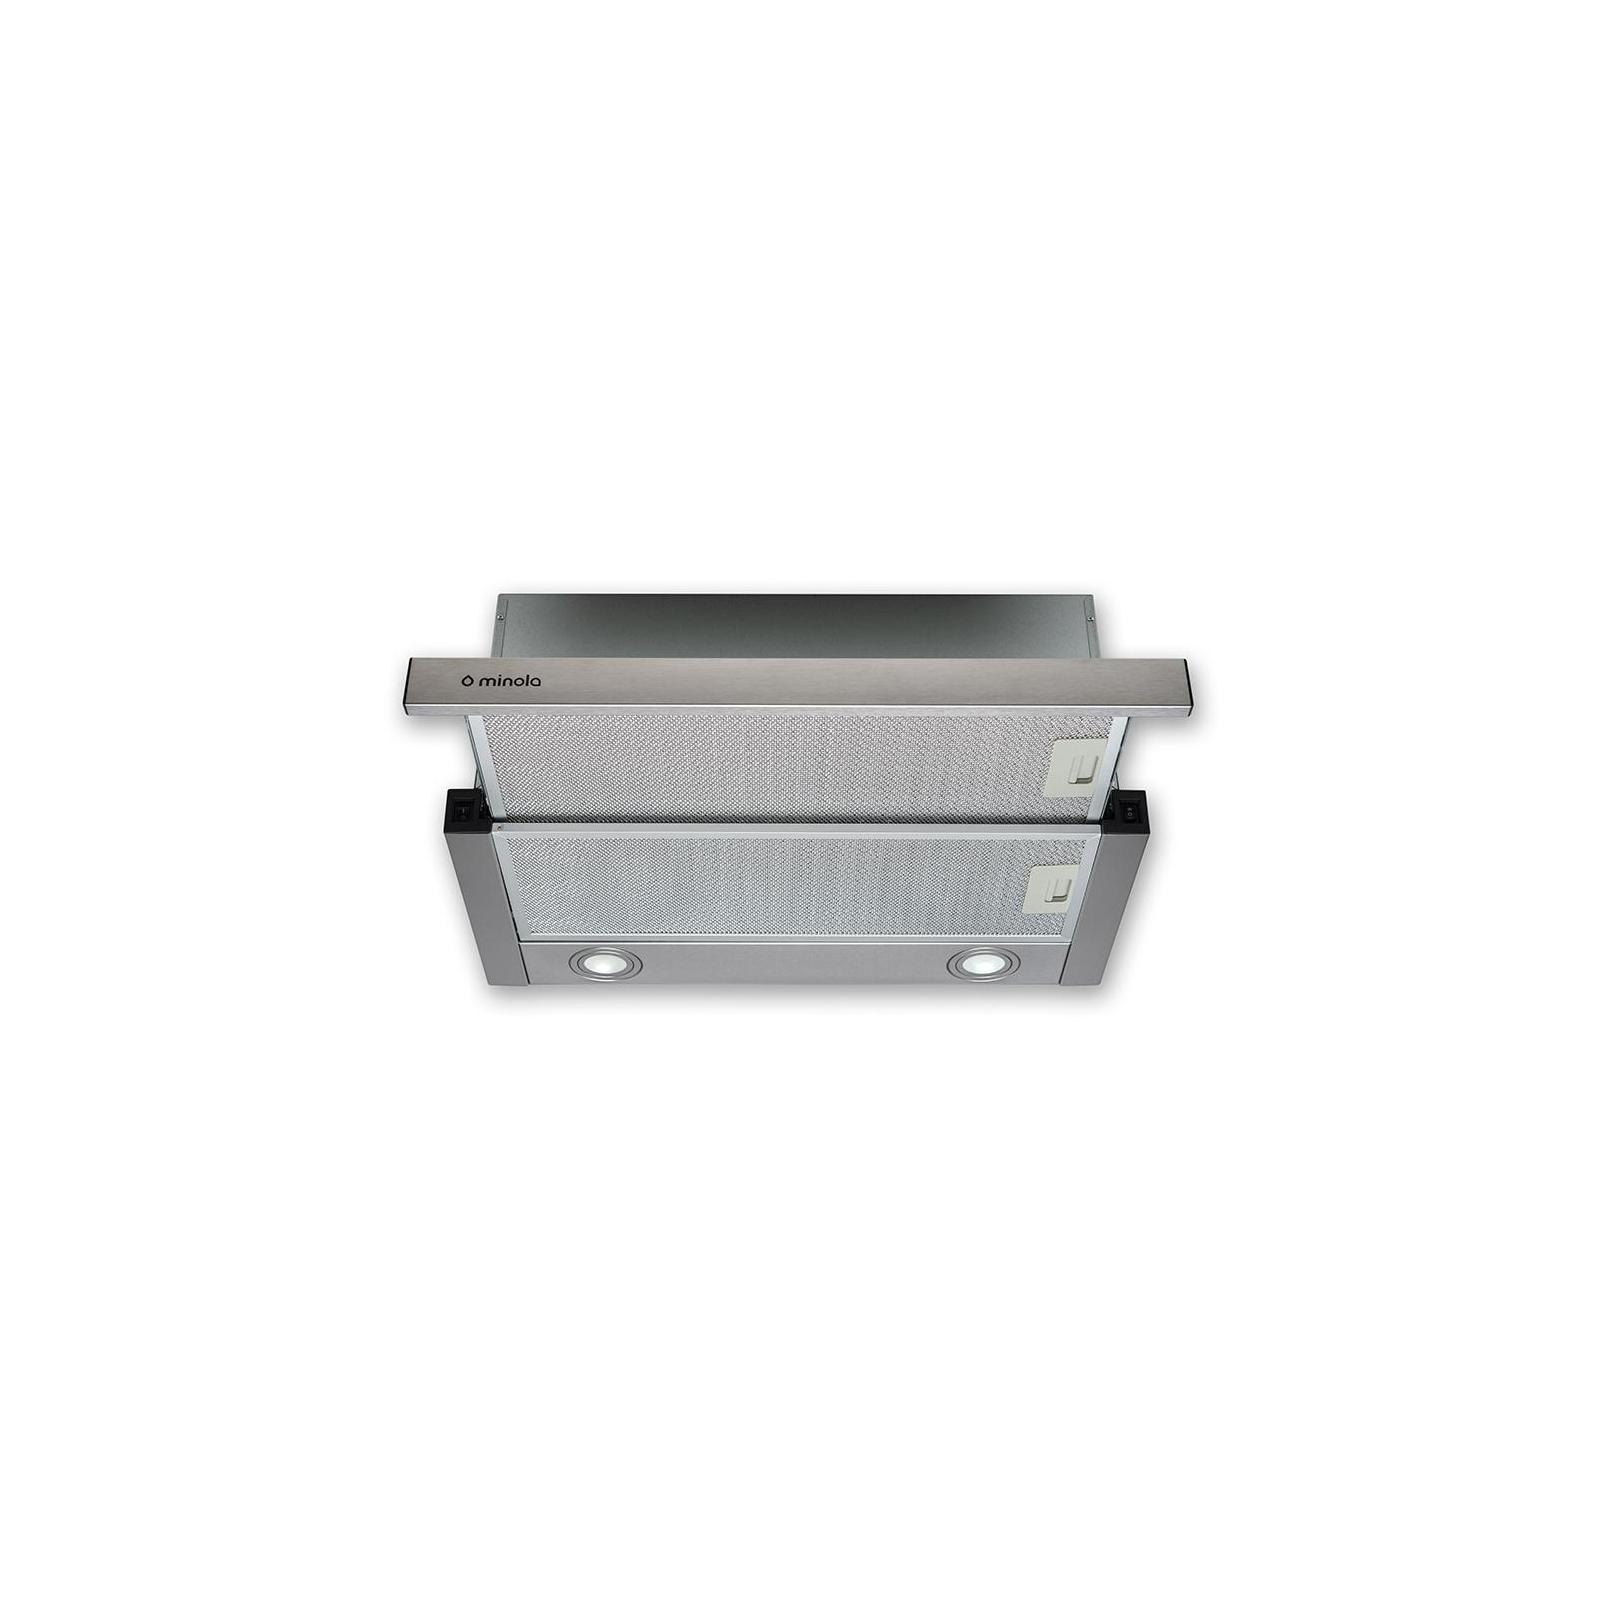 Вытяжка кухонная MINOLA HTL 6612 I 1000 LED